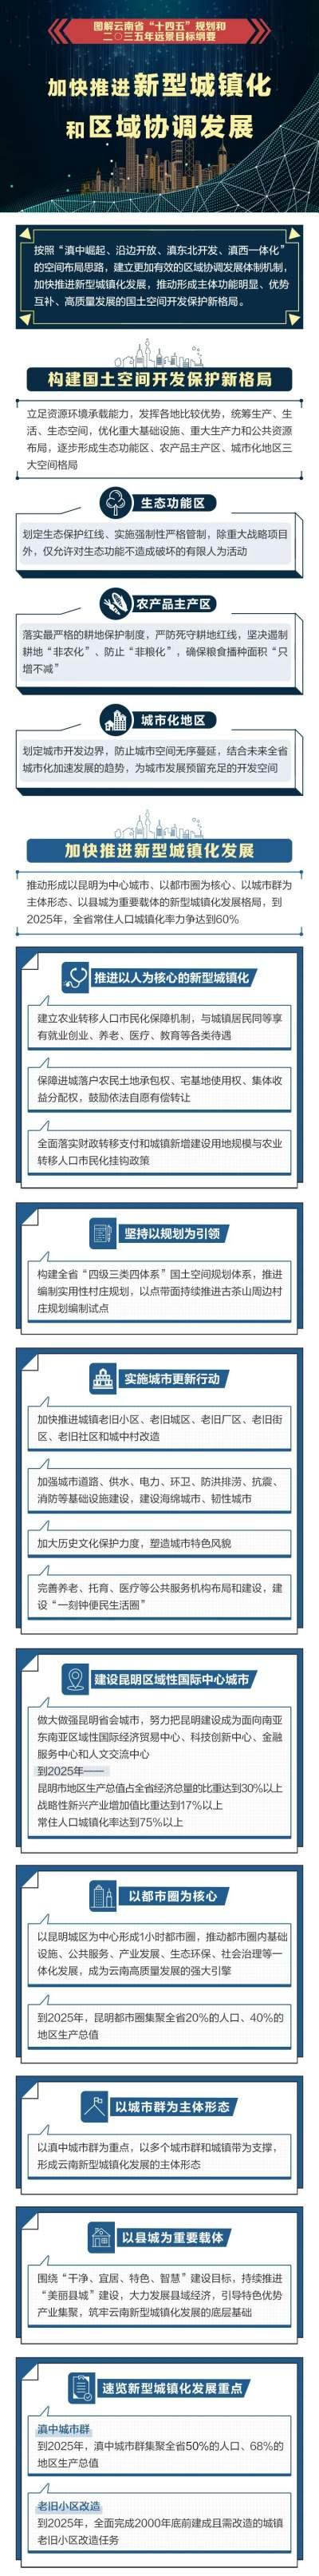 加快推进新型城镇化和区域协调发展,云南的重点工作是…